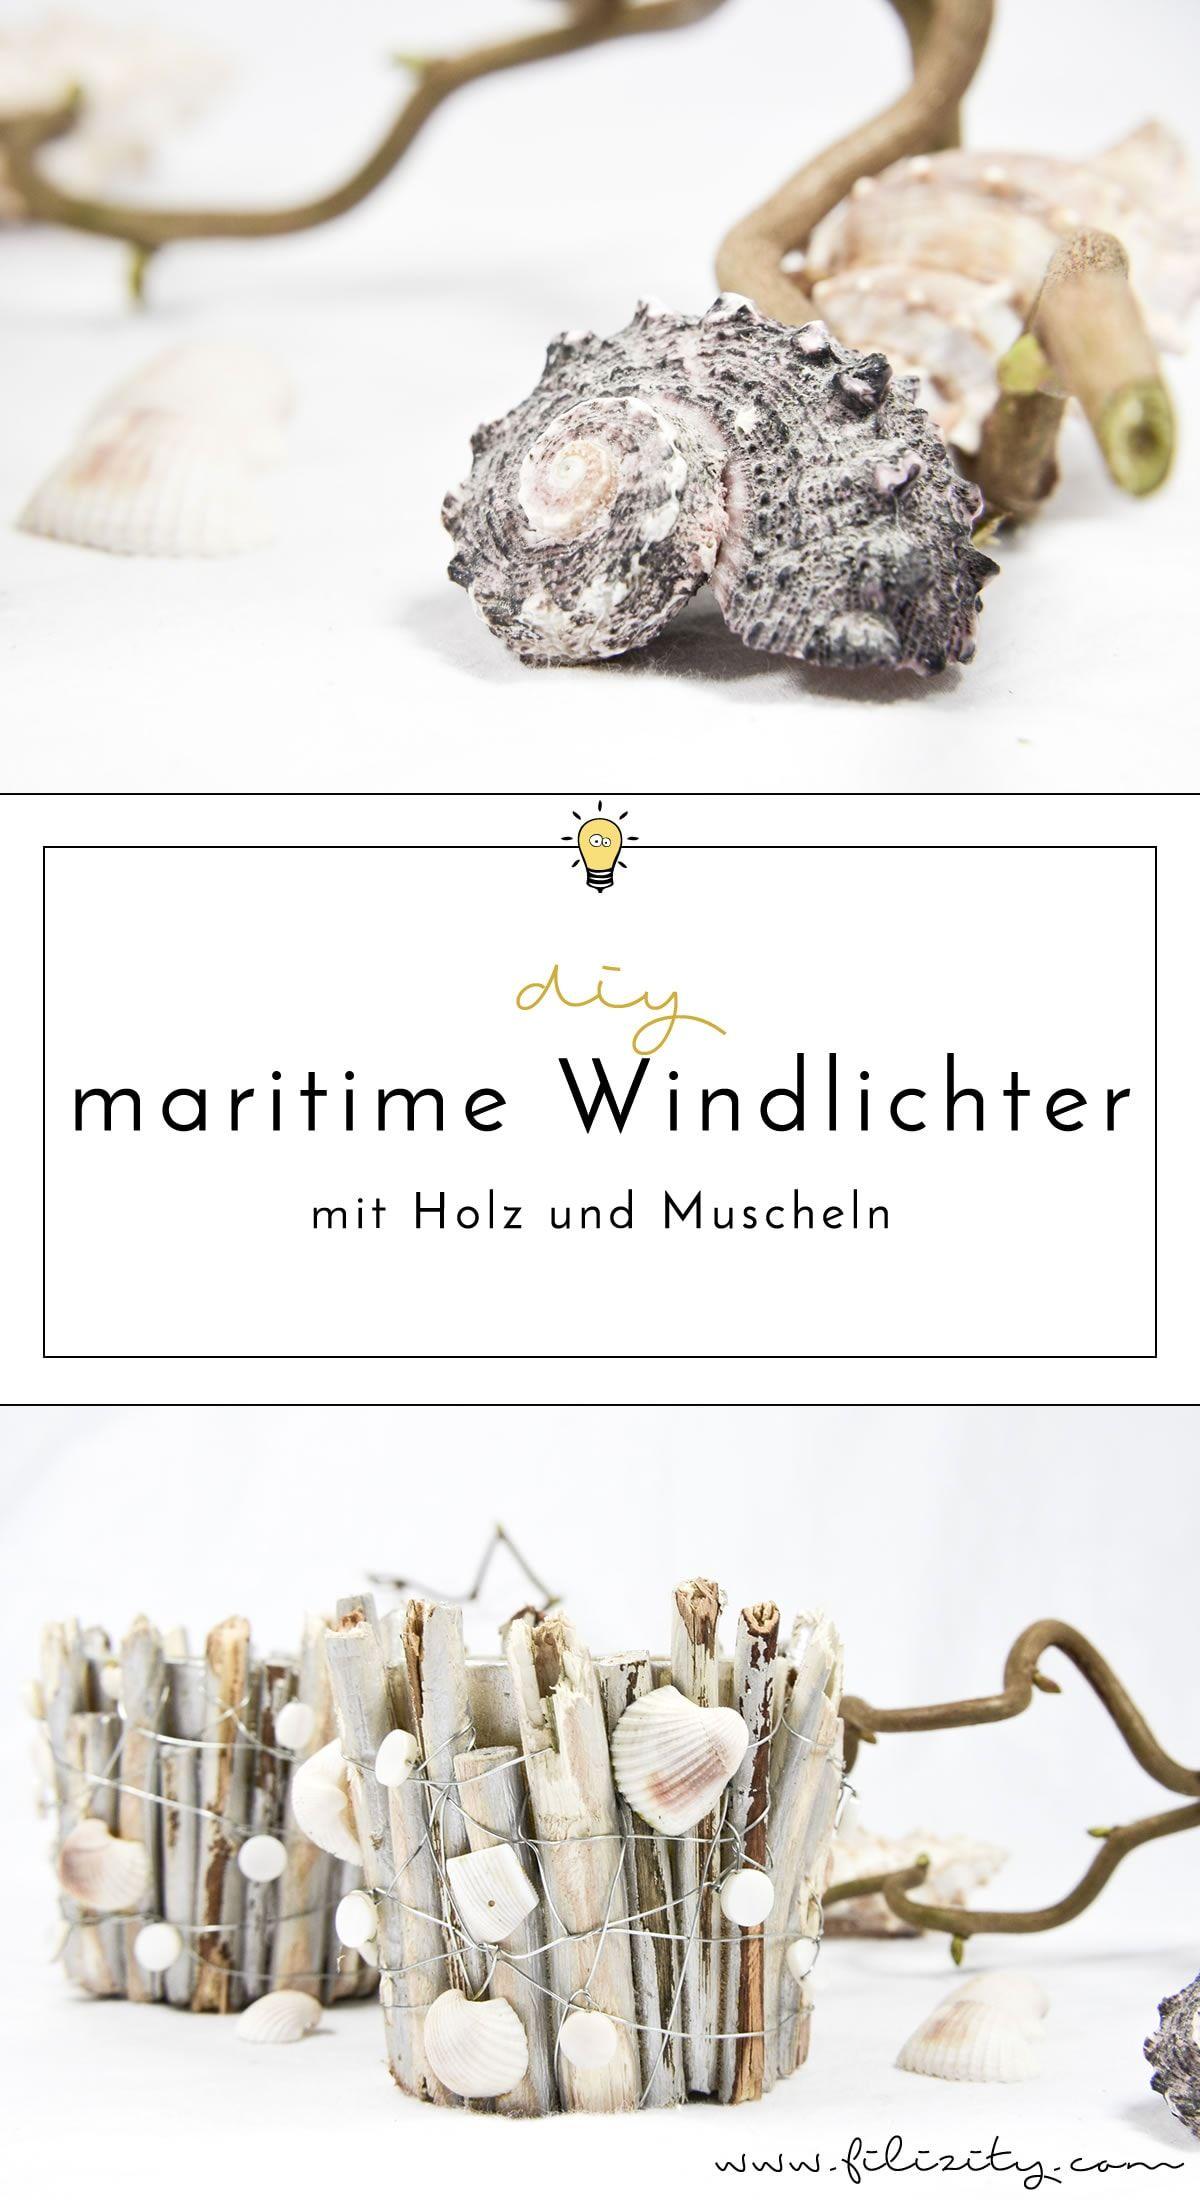 Birkenholz Deko Selber Machen Elegant Maritime Windlichter Mit Muscheln Und Holz